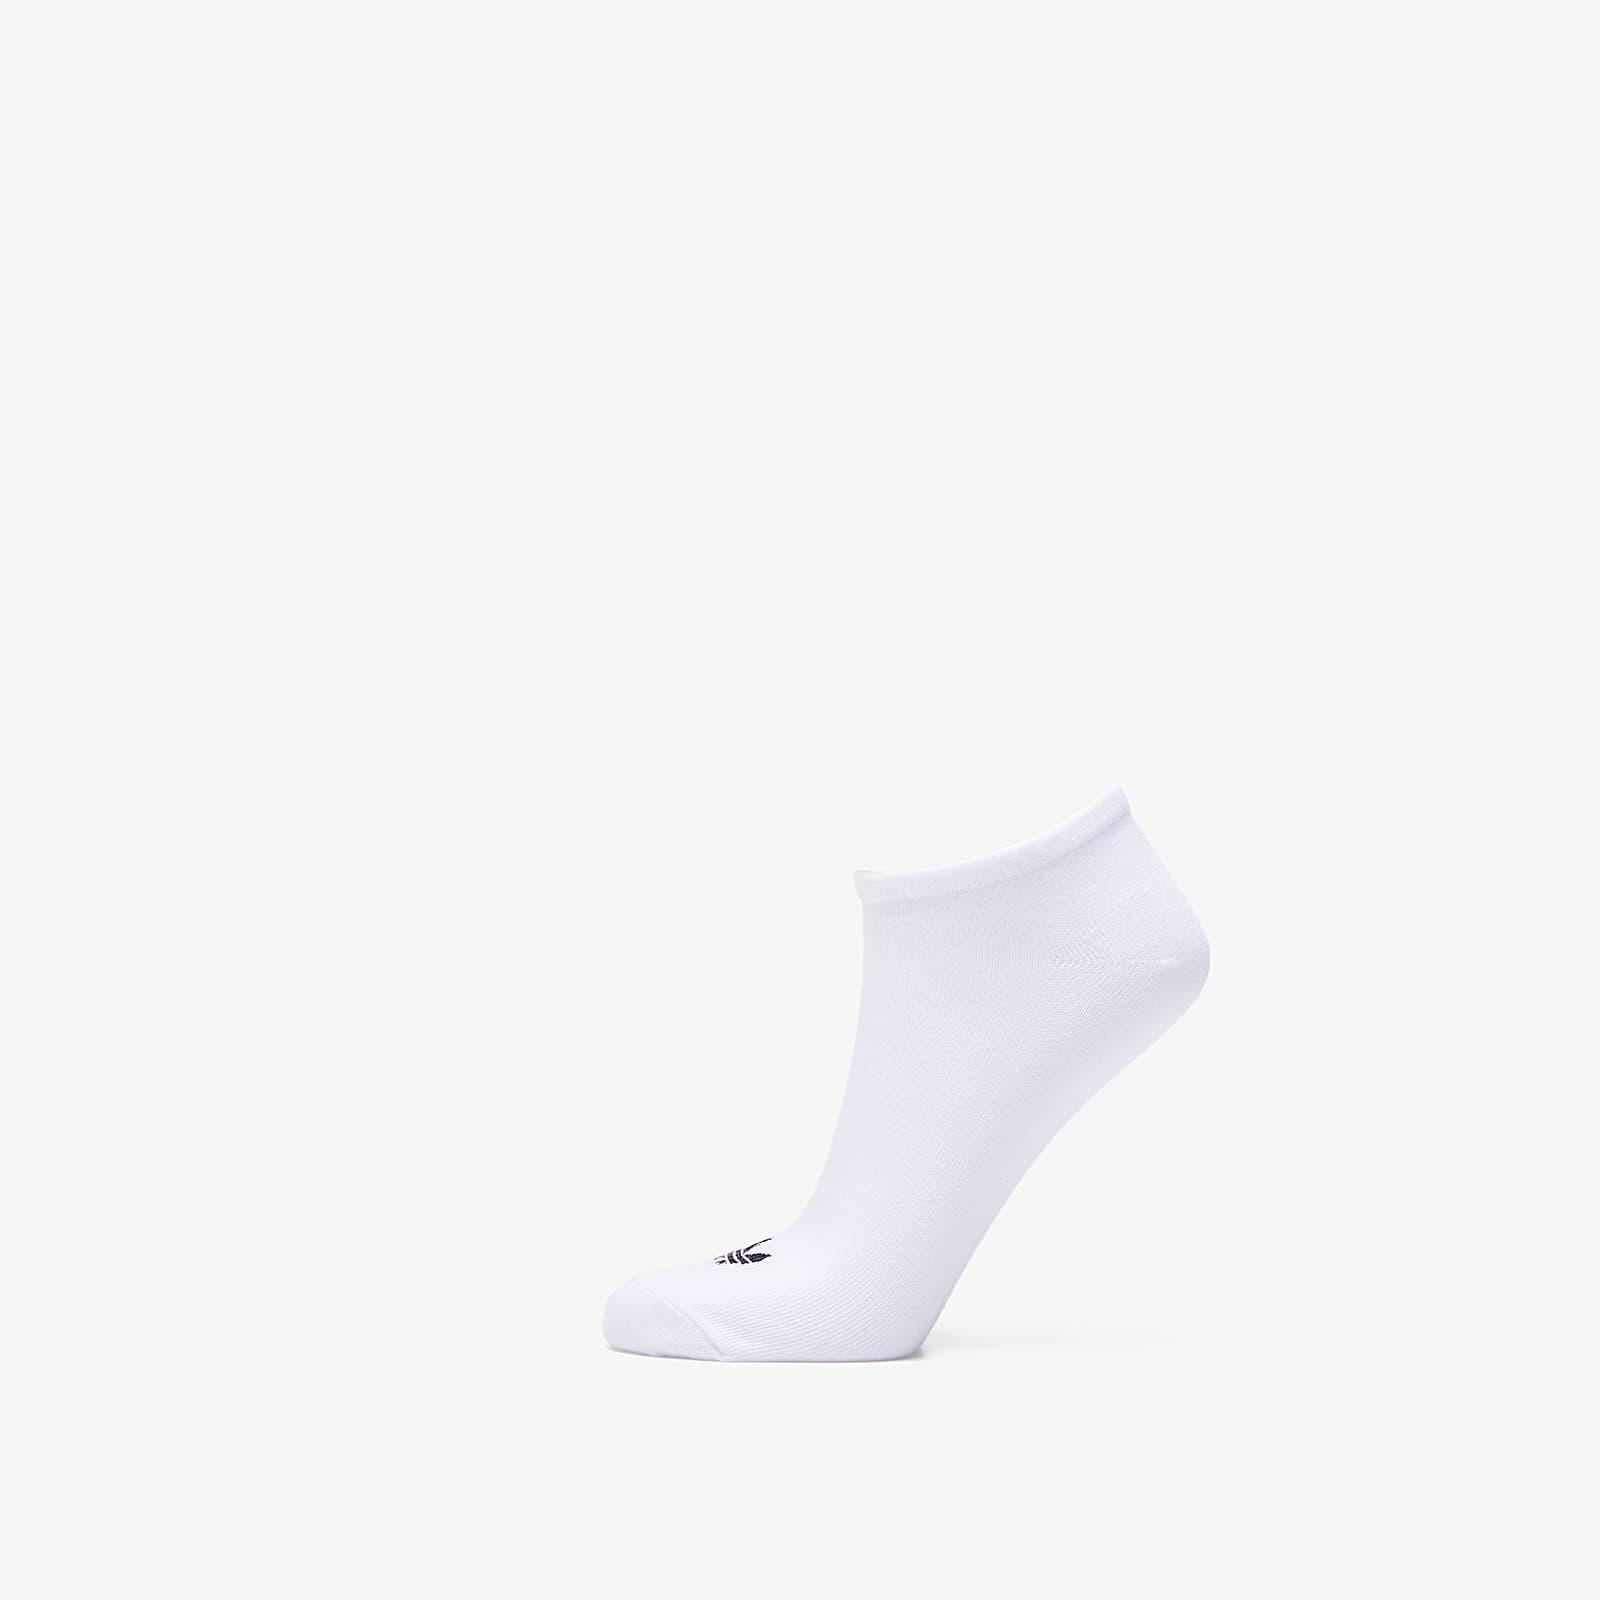 Socks adidas Trefoil Liner Socks 3 Pairs White